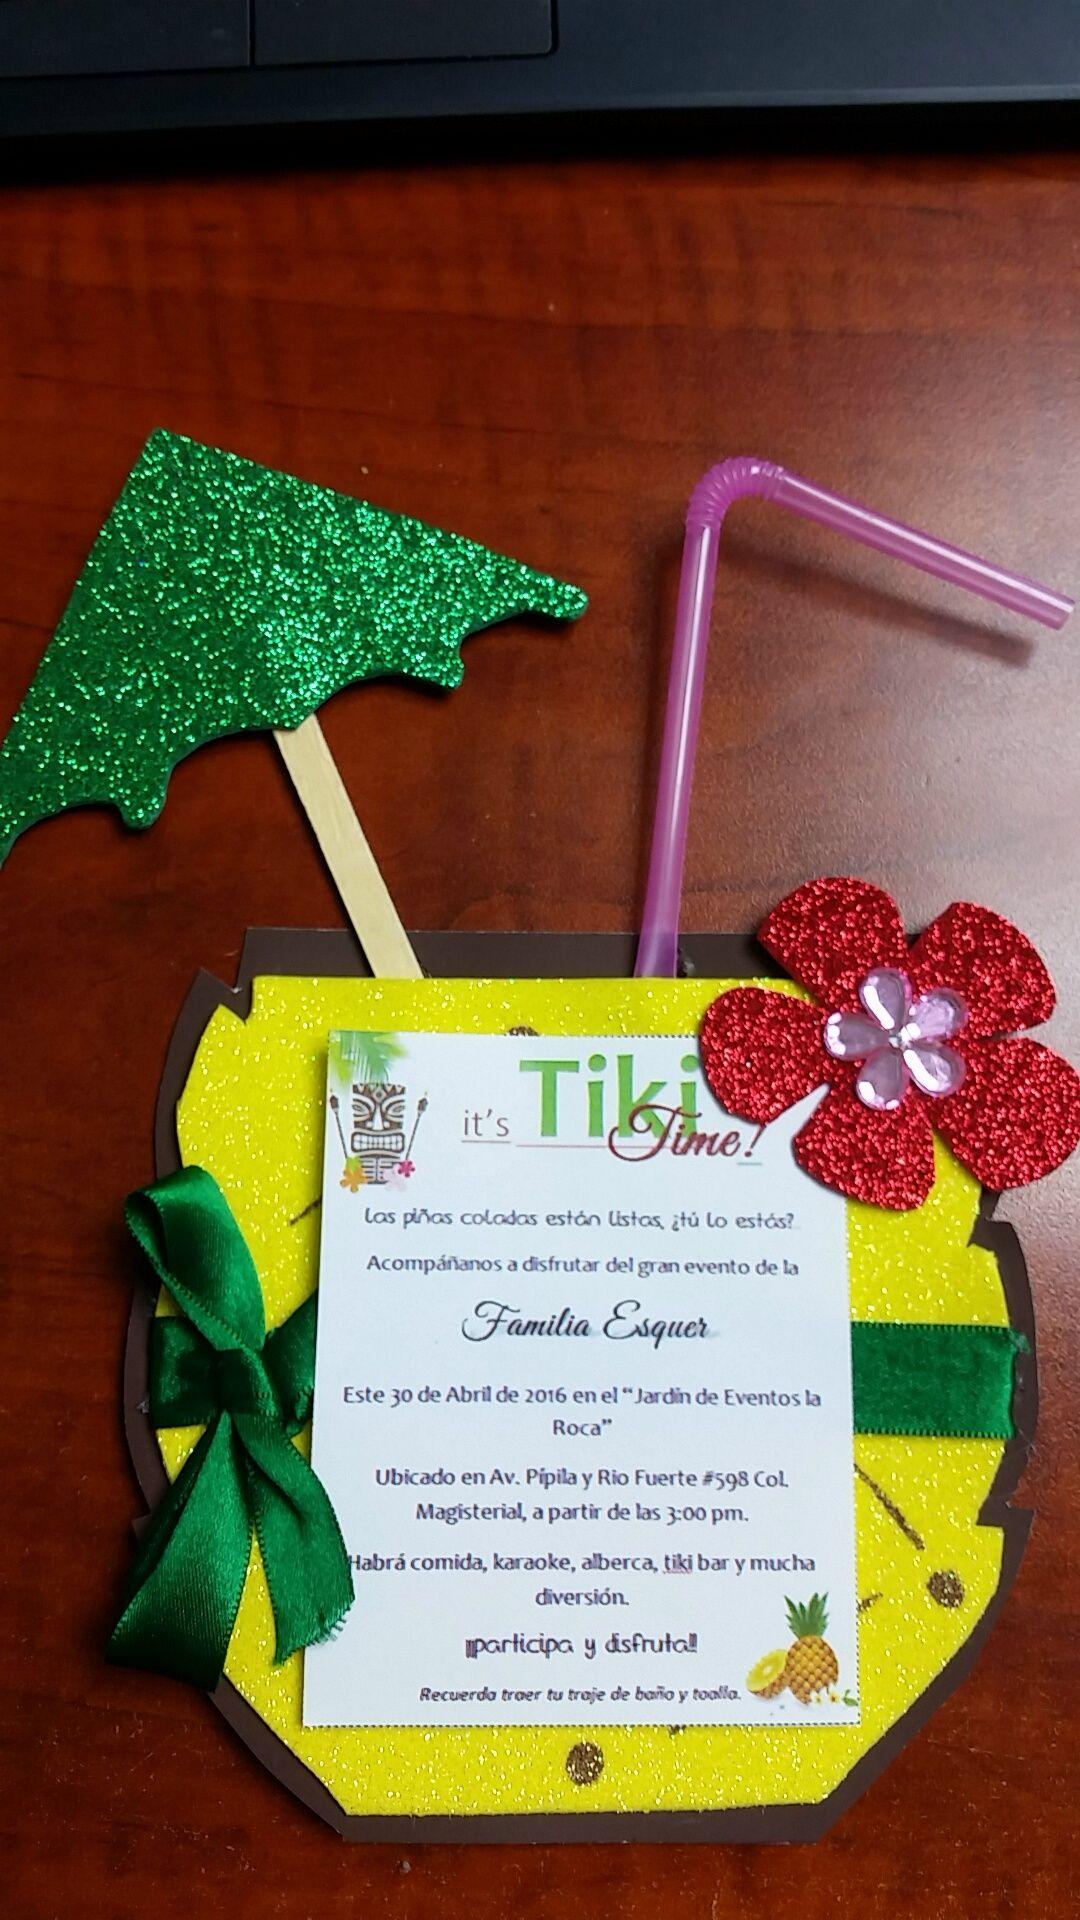 Invitación Para Fiesta Hawaiana Invitation For A Luau Party Invitaciones Hawaianas Invitaciones De Fiesta Invitaciones De Moana